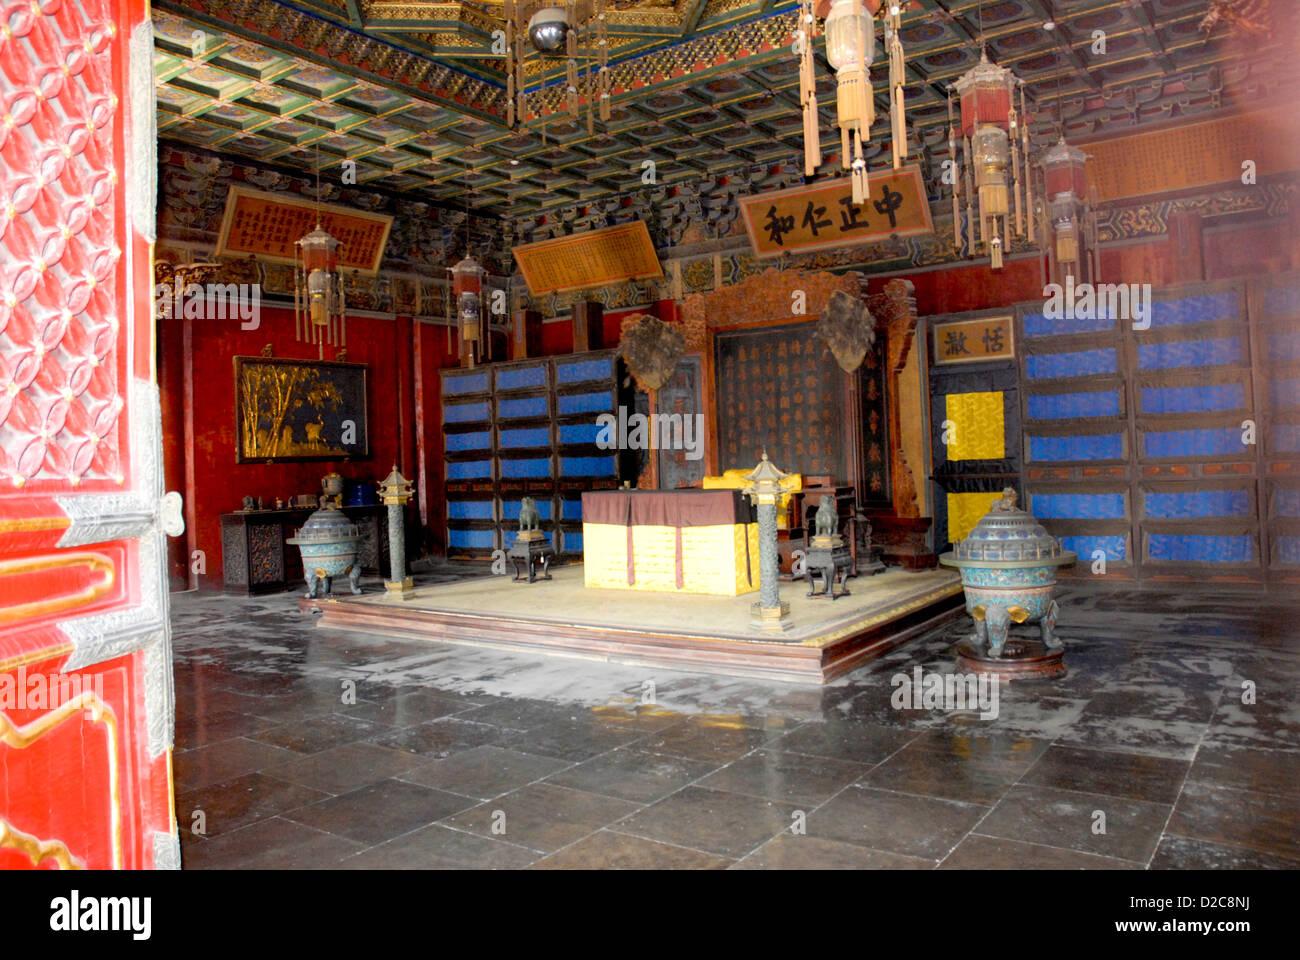 Palais de la pureté céleste, la Cité Interdite, Pékin, Chine Photo Stock